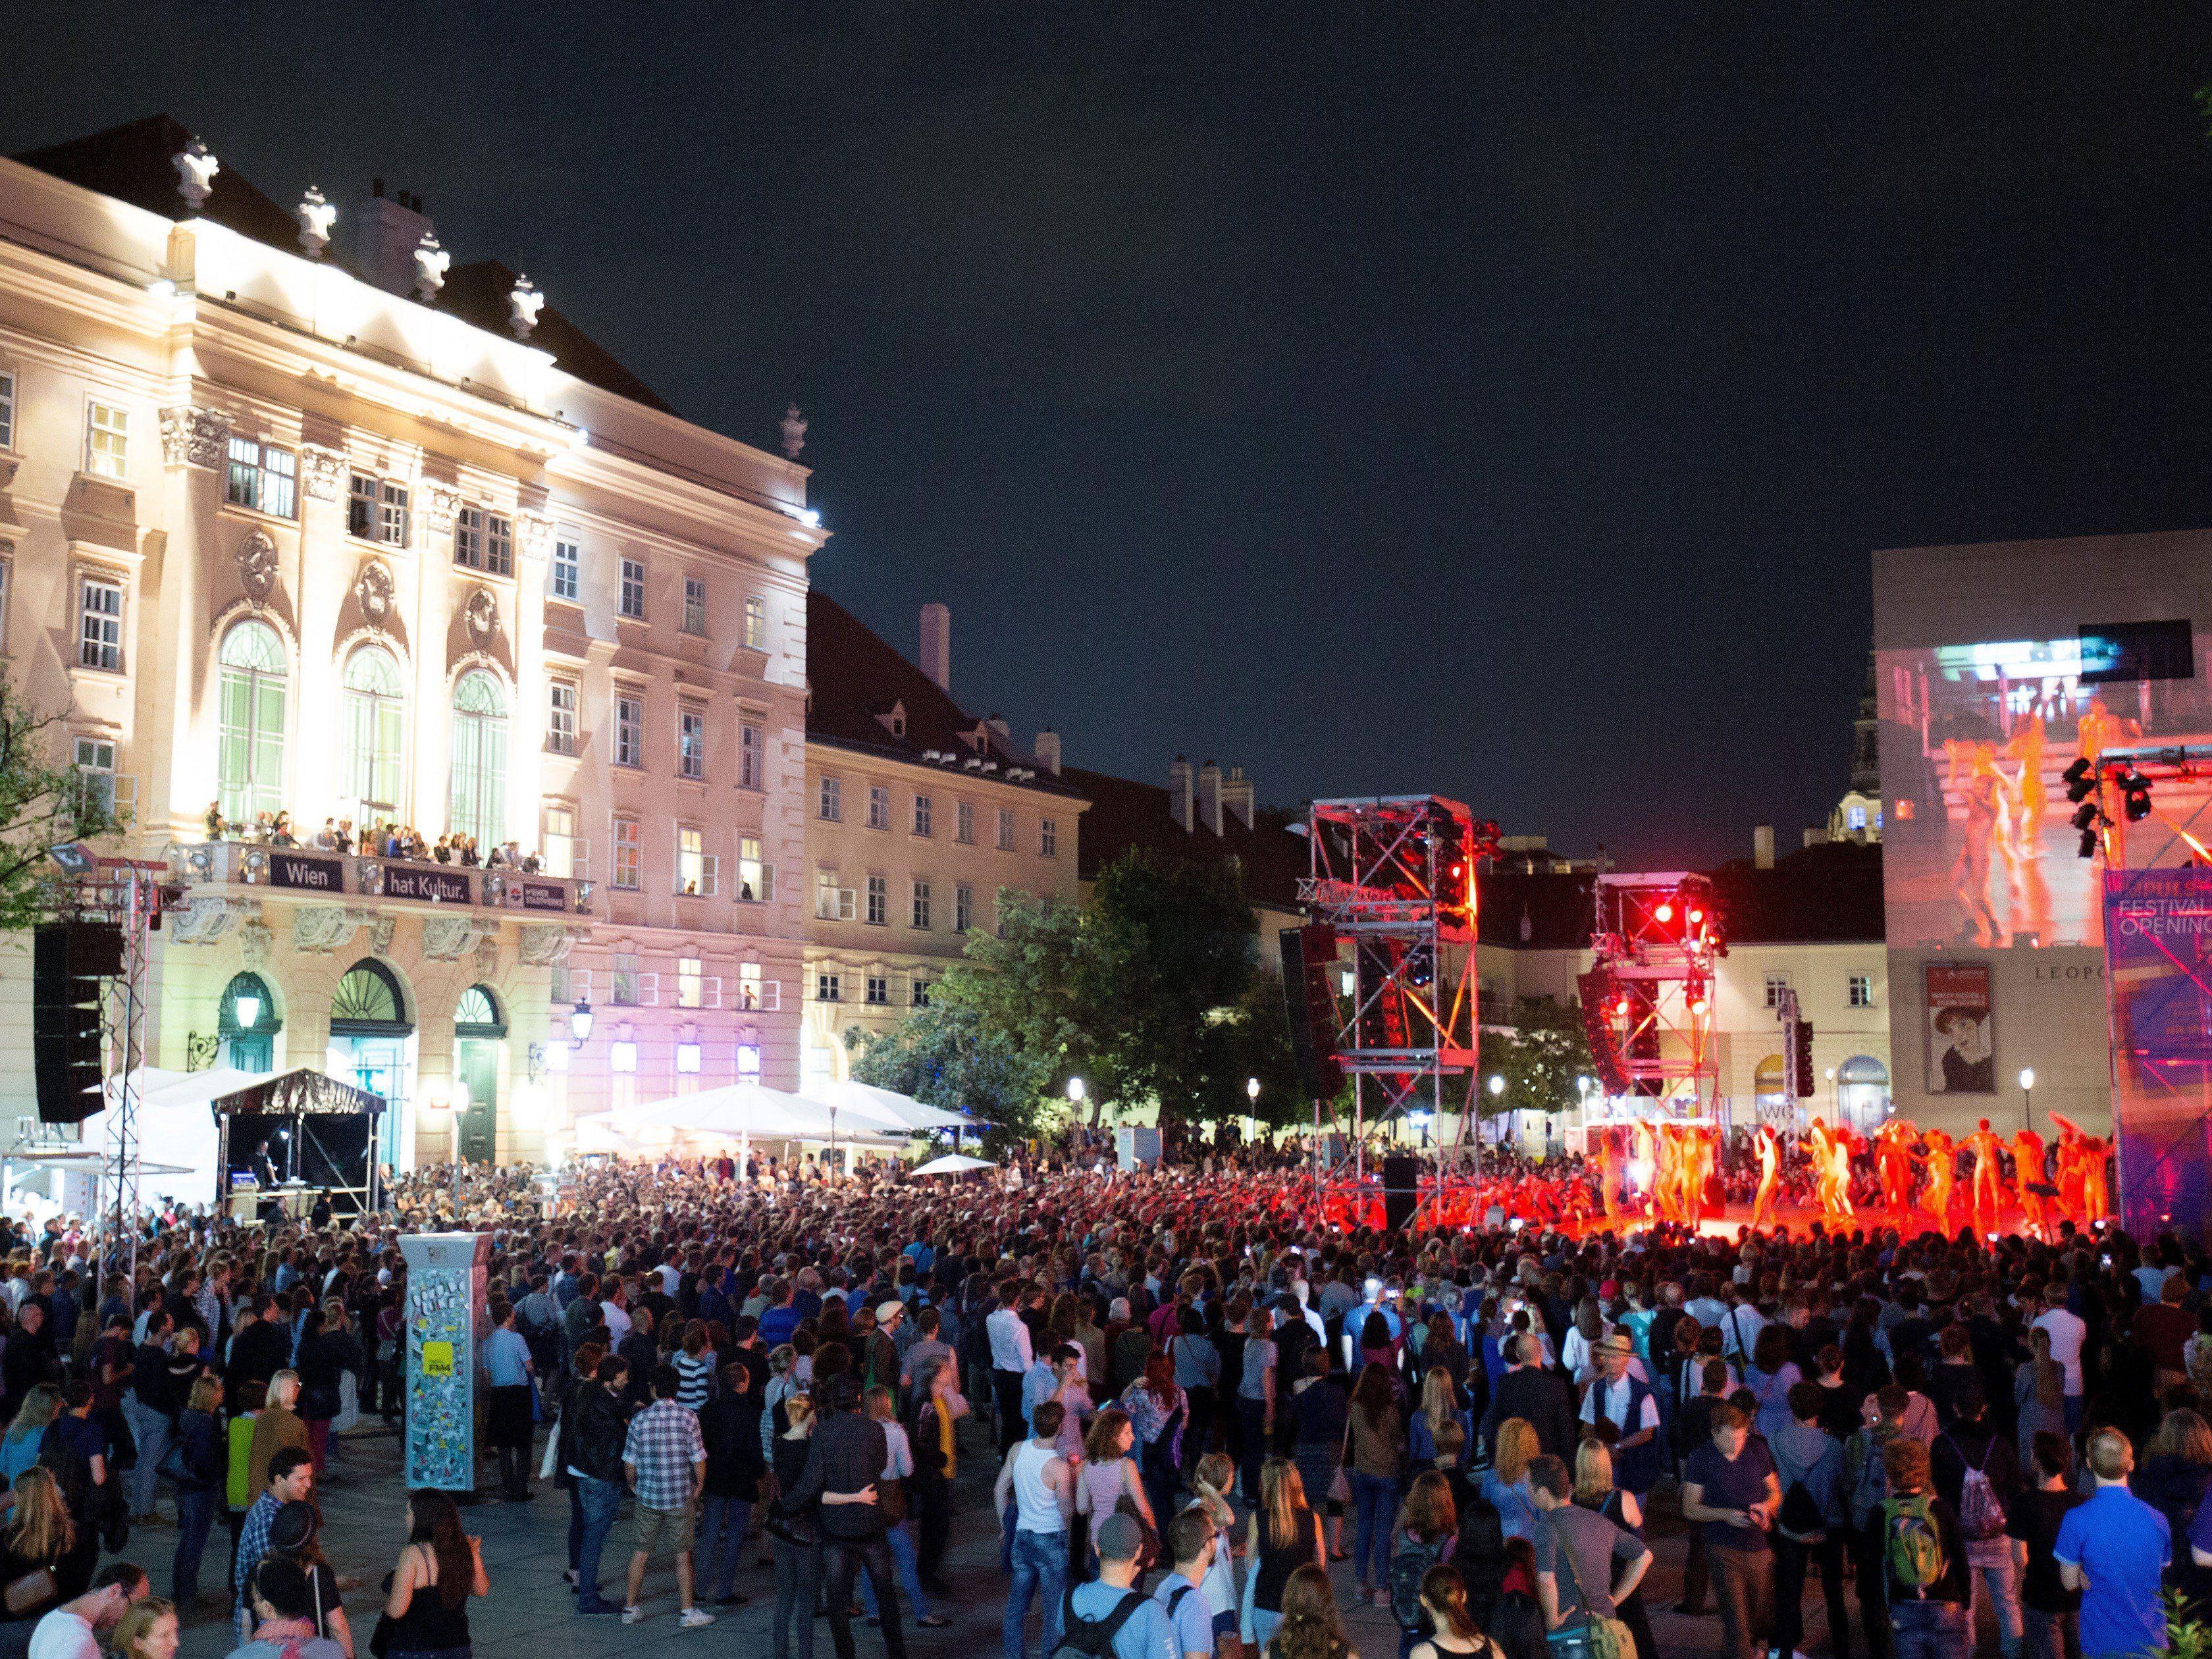 Blick auf die Eröffnung des ImPulsTanz-Festivals gestern im Wiener Museumsquartier.